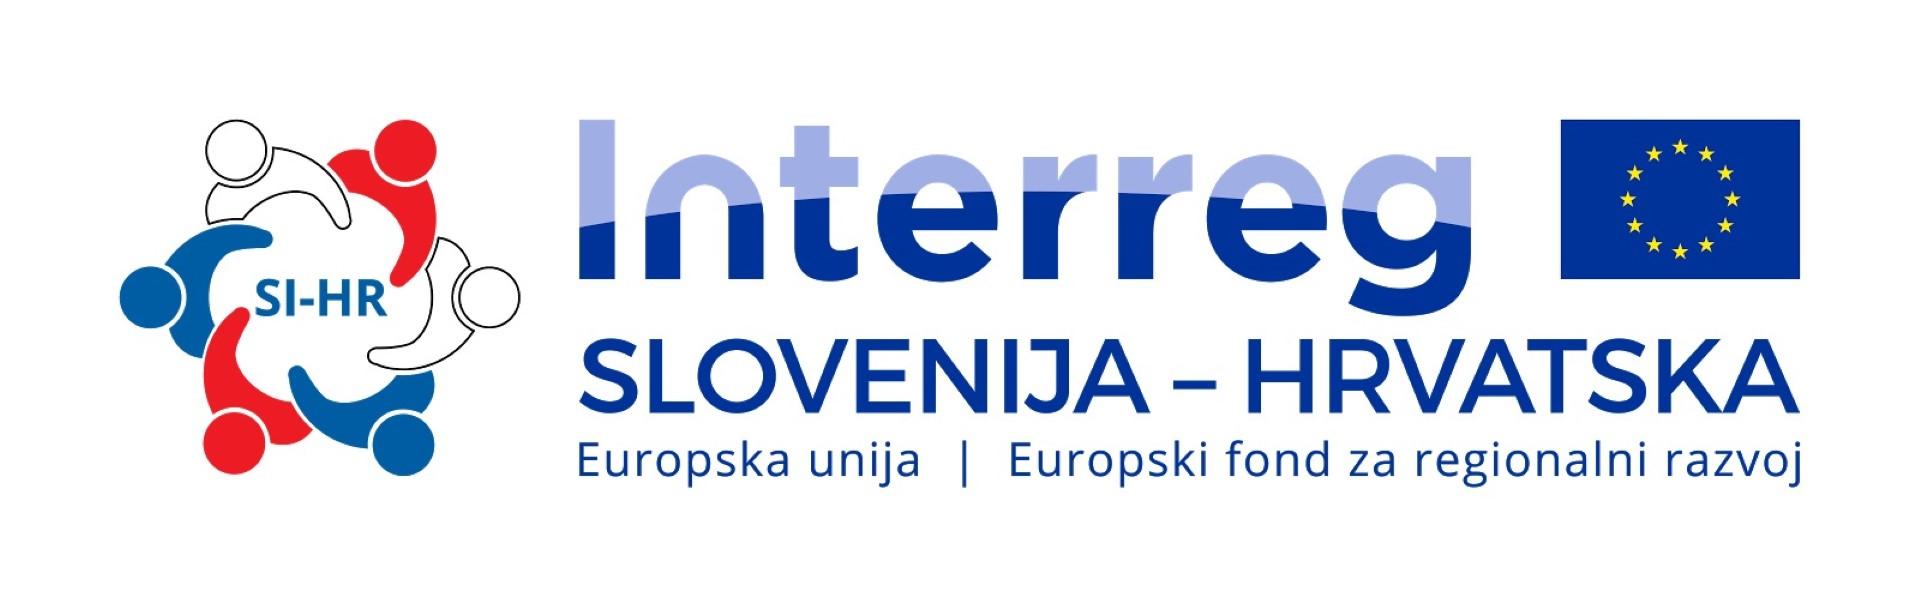 najbolje internetske stranice za upoznavanje u Italiji